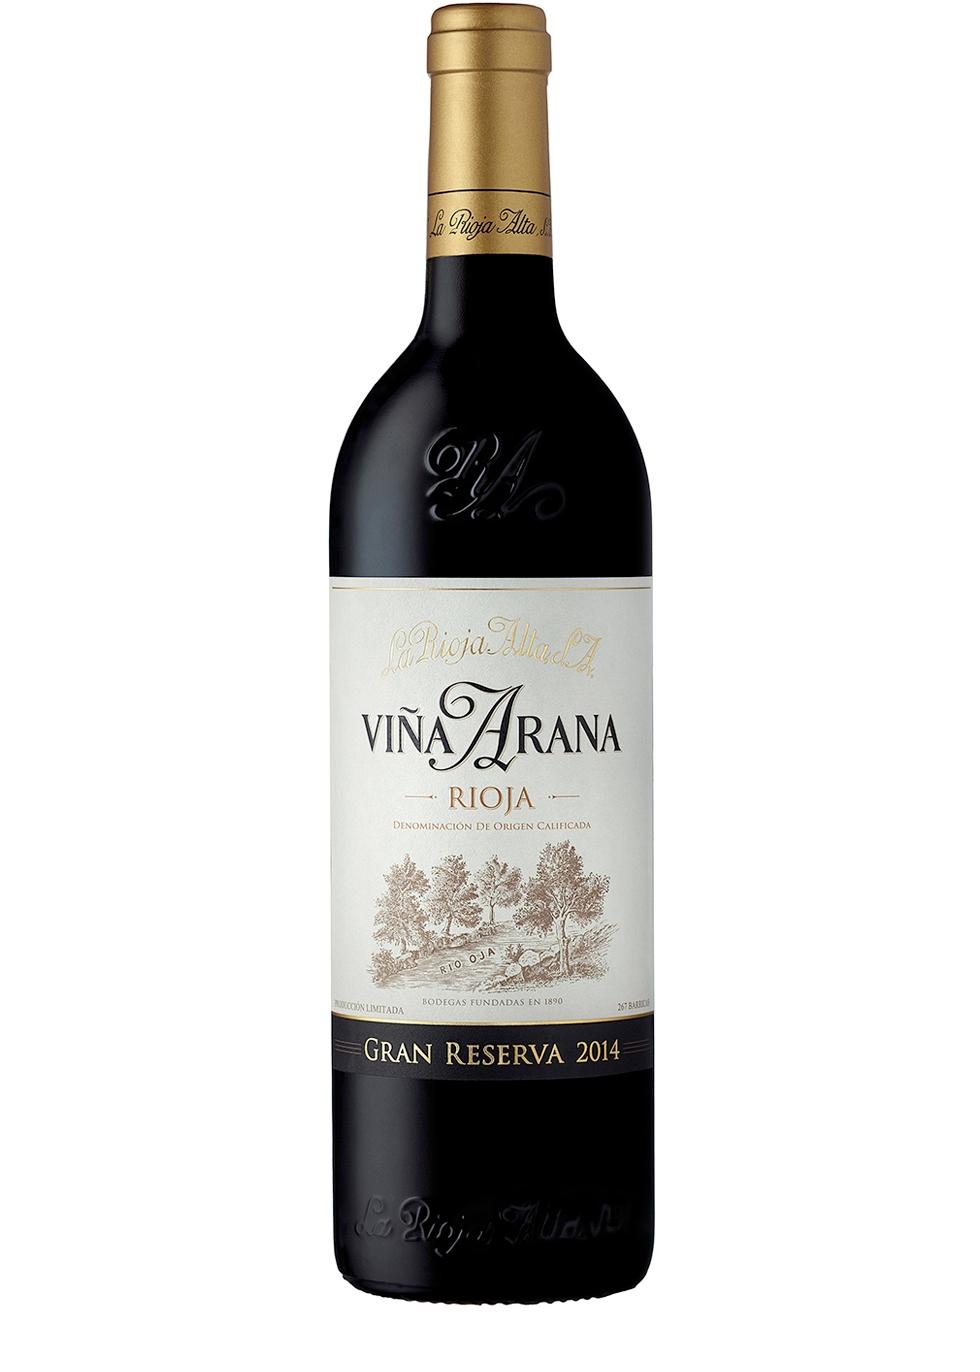 Viña Arana Rioja Gran Reserva 2014